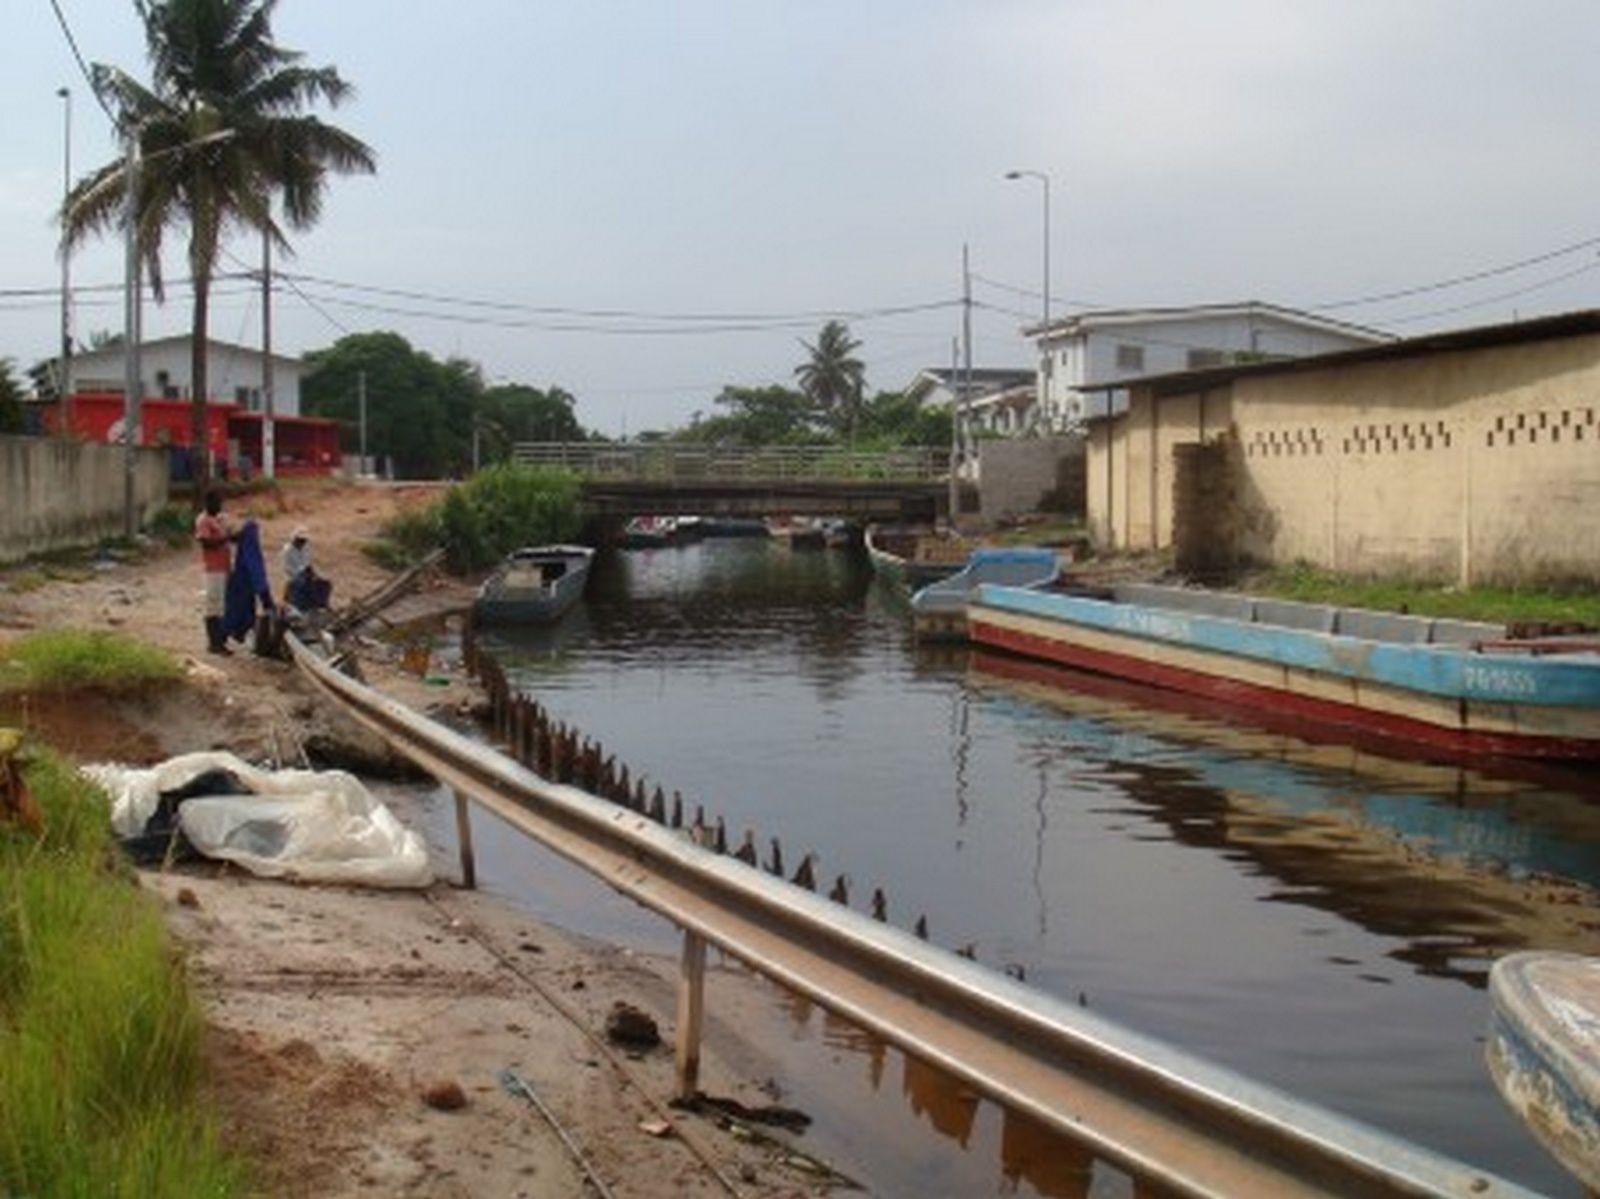 Assainir les eaux usées et les eaux pluviales de Port-Gentil